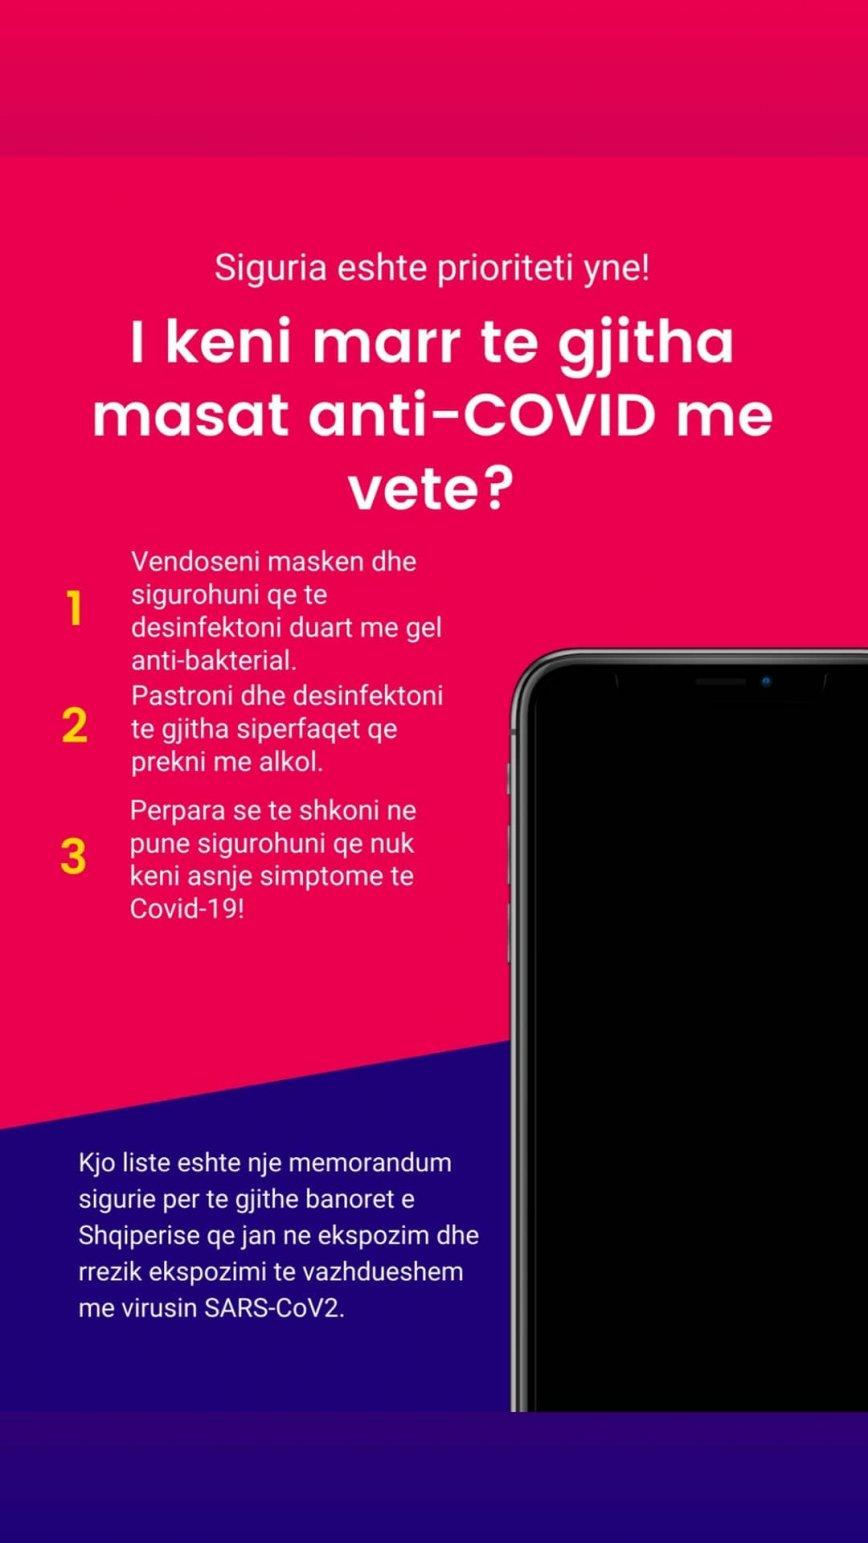 Covid 19 news in Albania